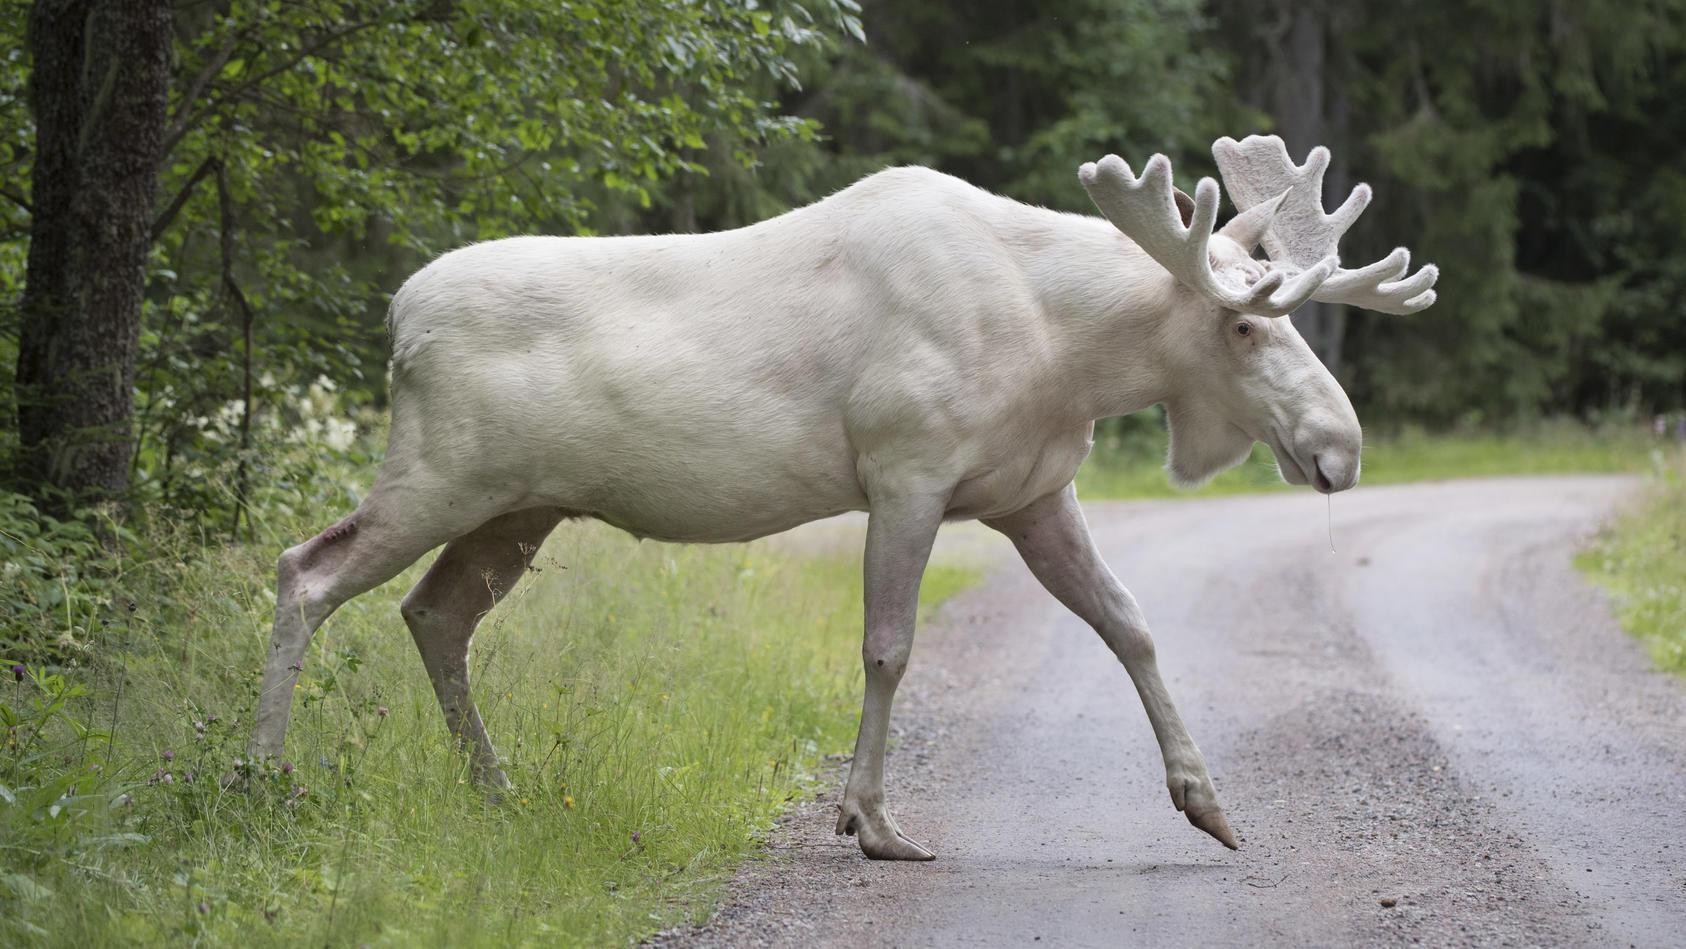 Märchenhaft schön! Dieser weiße Elch ist in Schweden eine echte Berühmtheit.